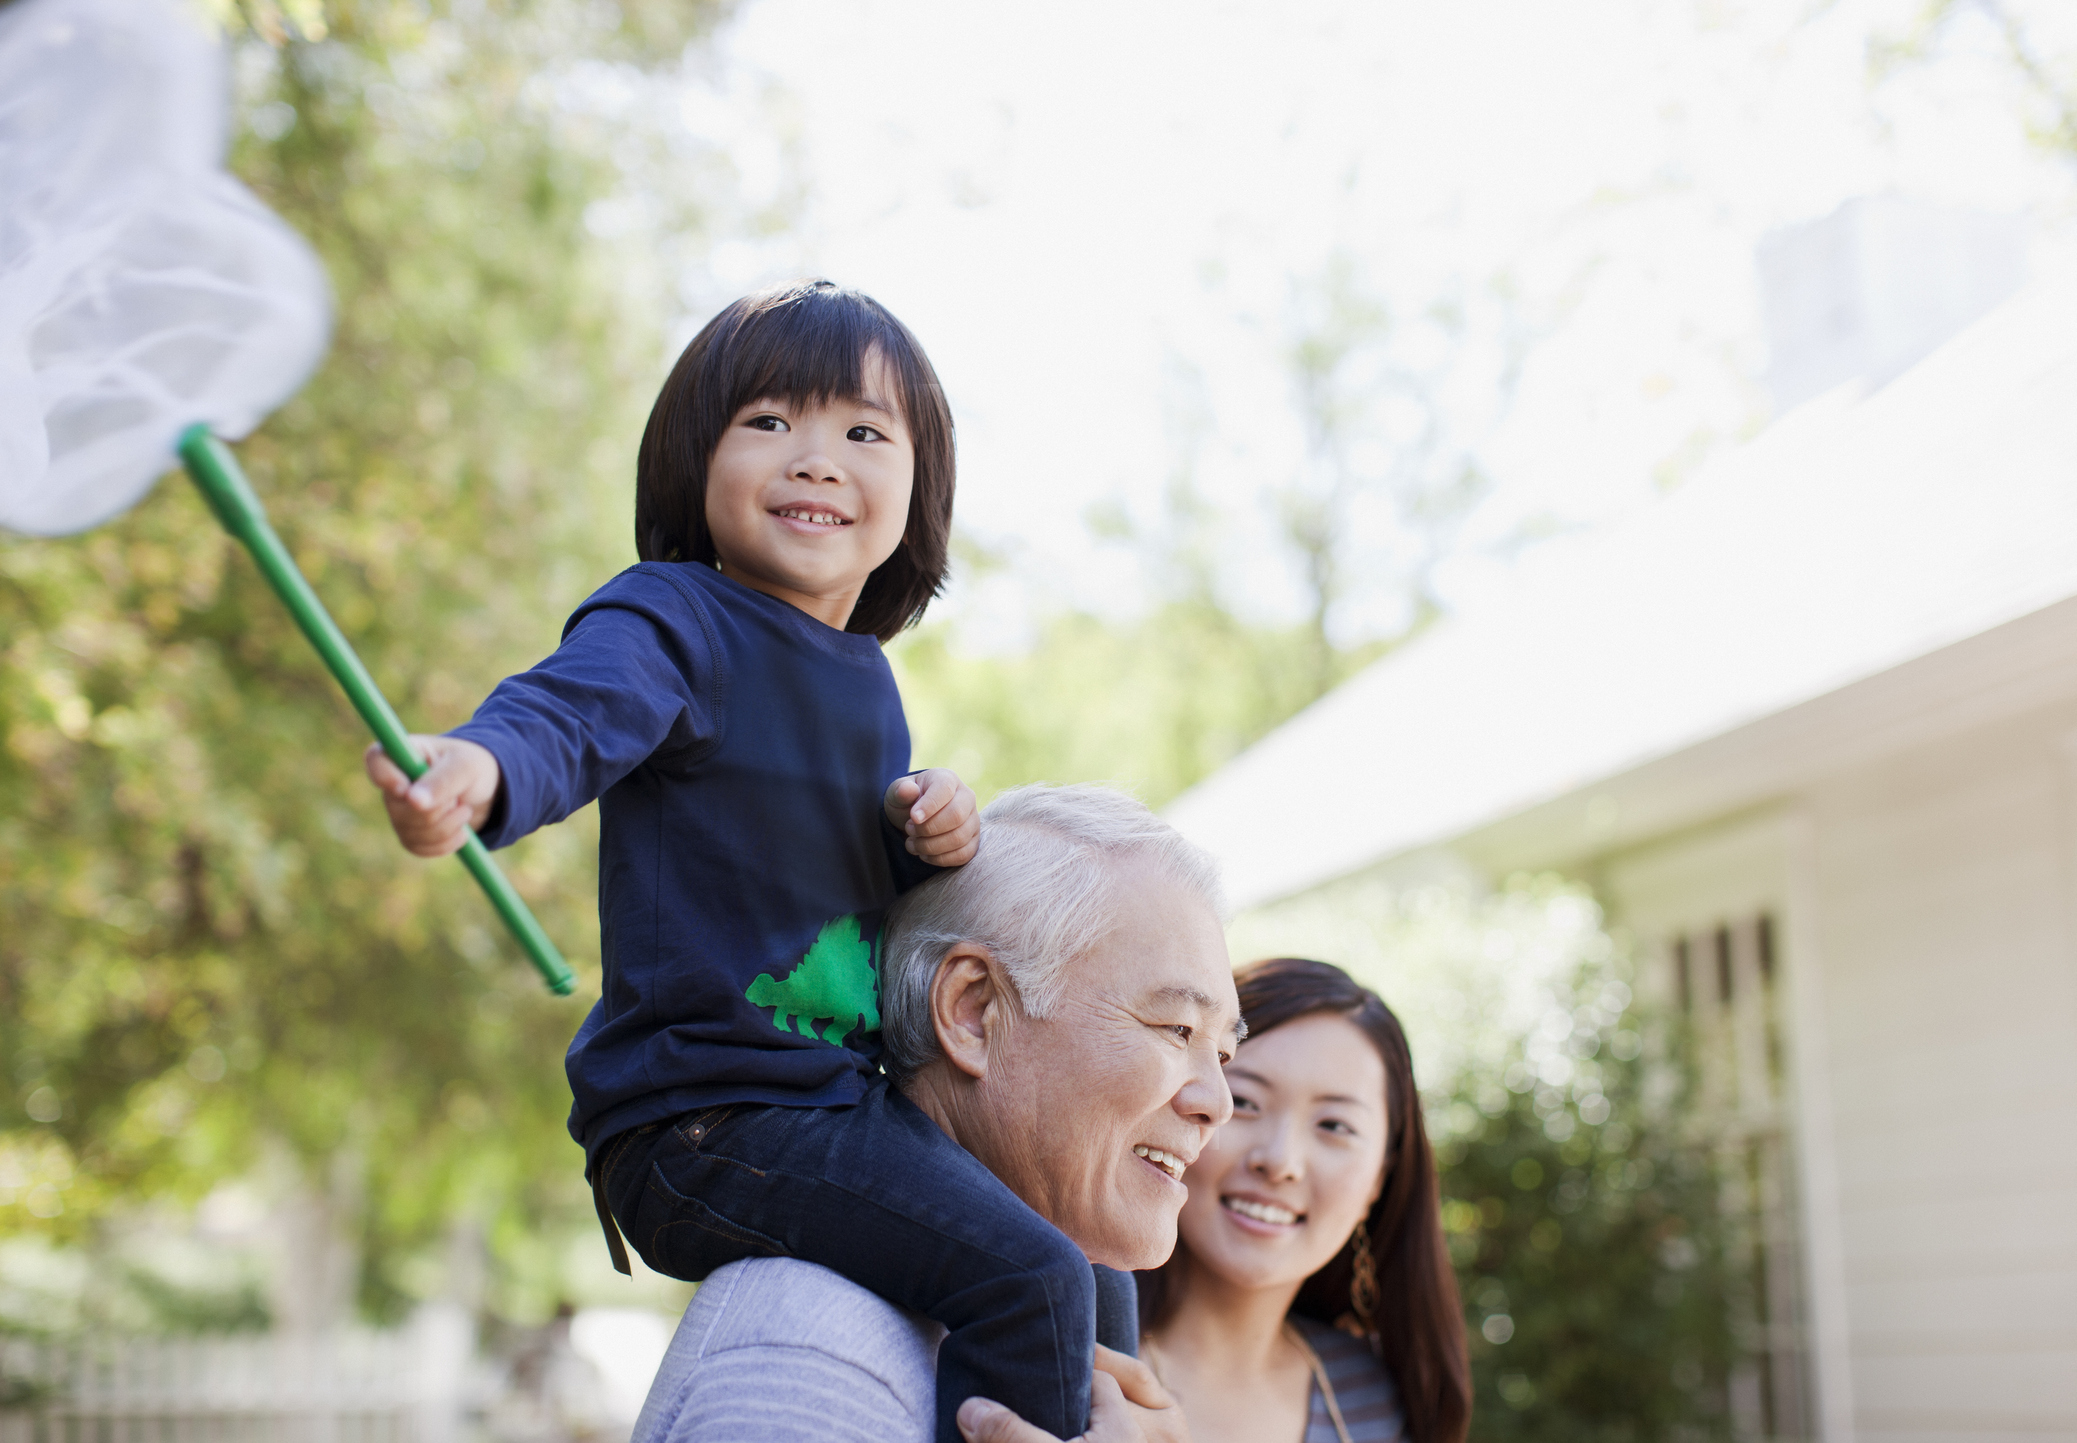 The Important Role Grandparents Play   Parent Cue Blog